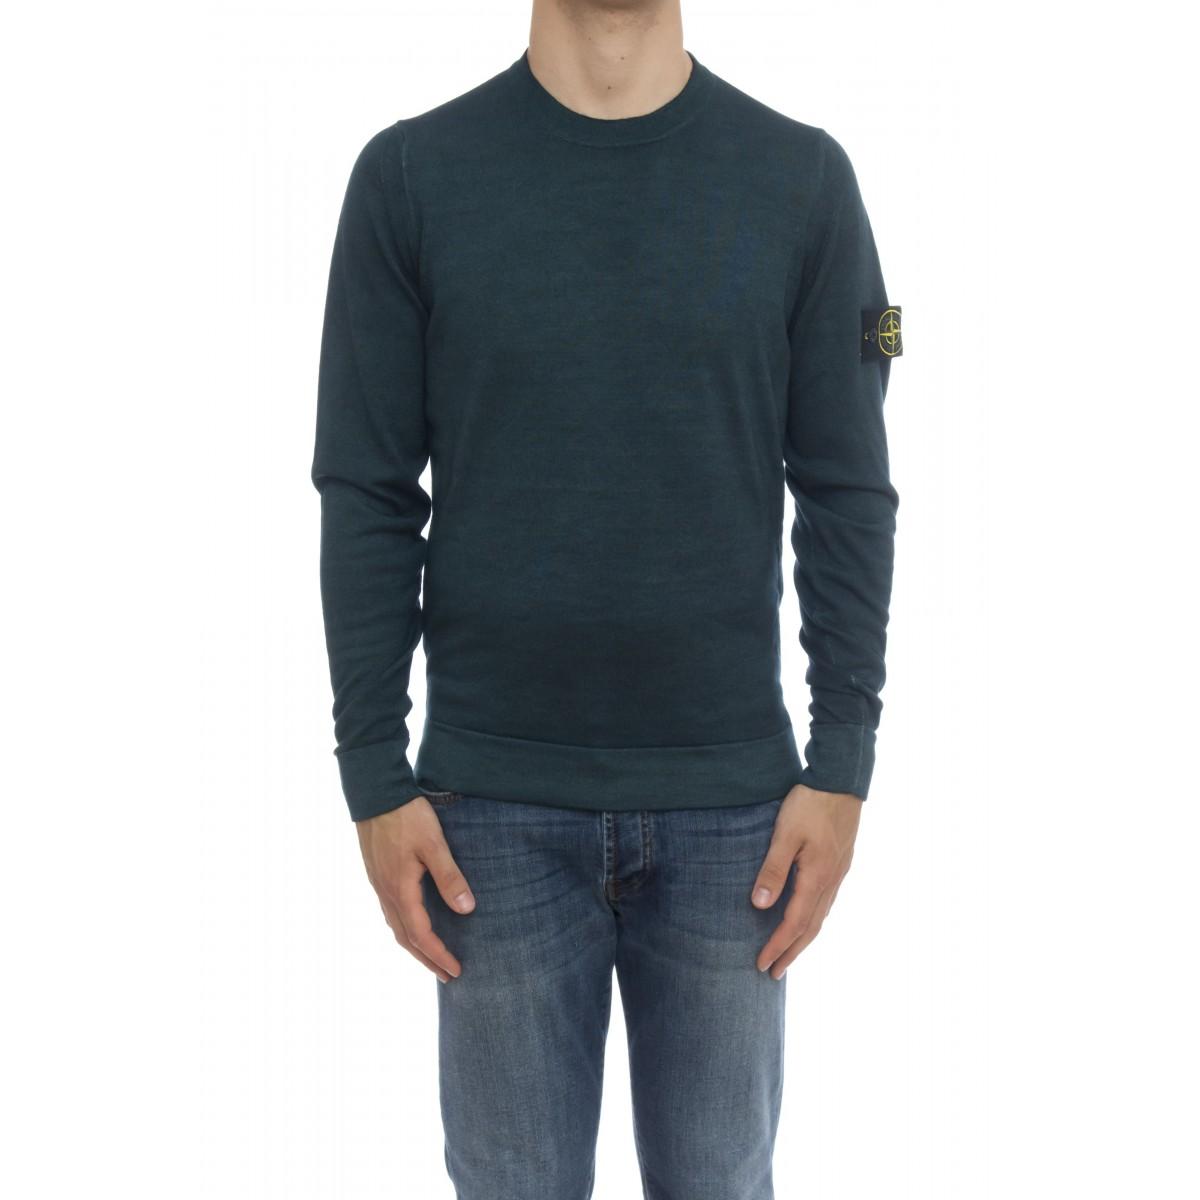 Maglia uomo - 572A8 maglia merinos spruzzata